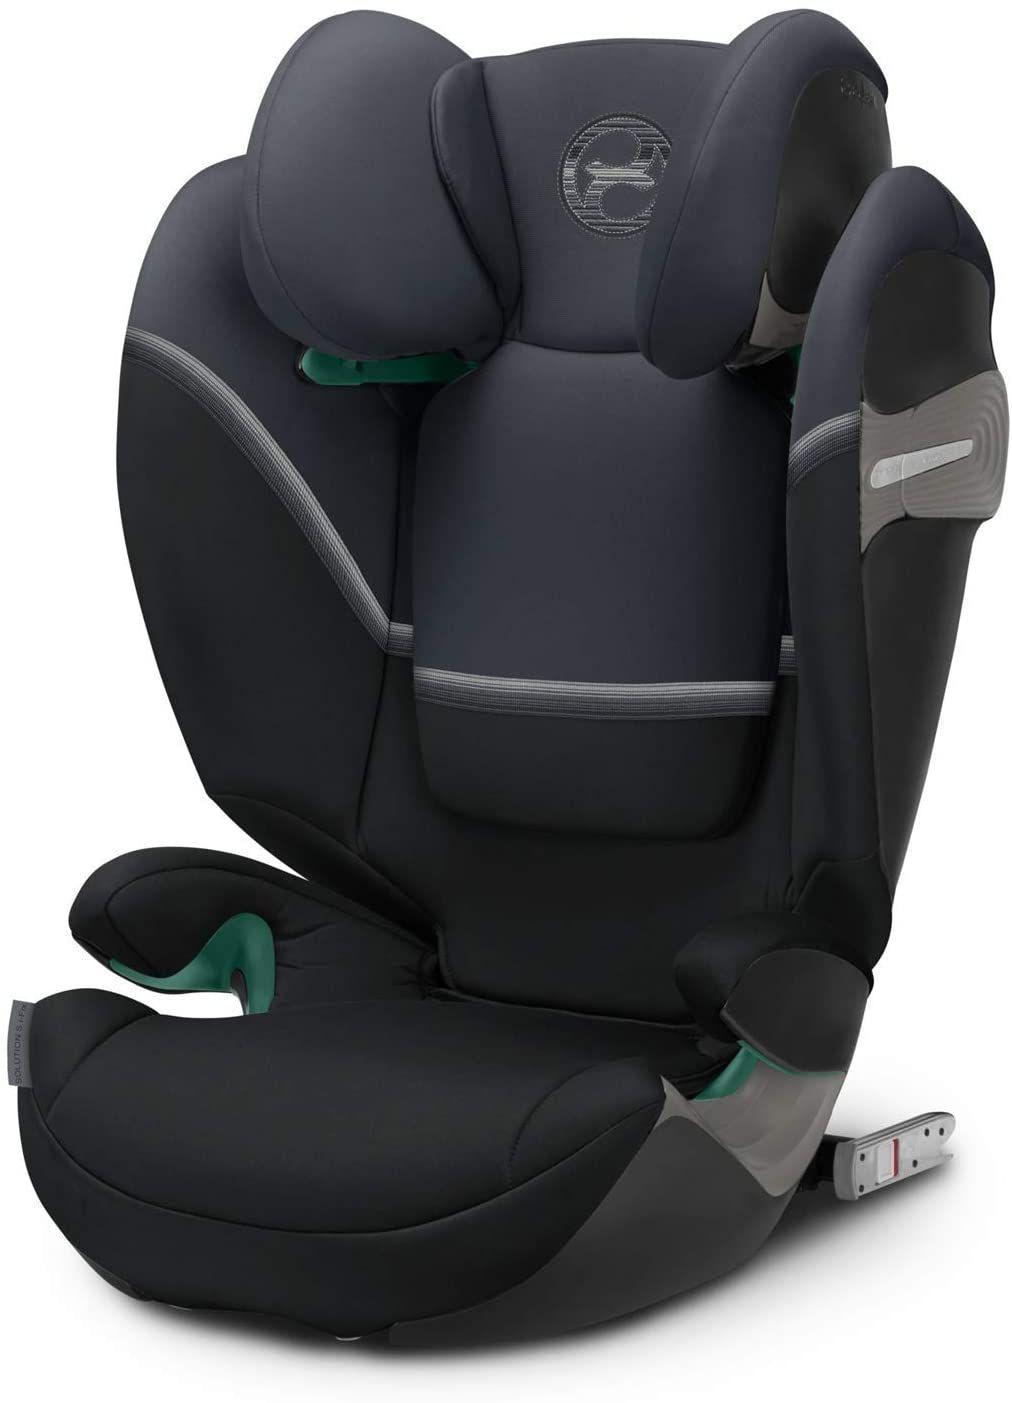 CYBEX Gold Kinder-Autositz Solution S i-Fix (für Autos mit & ohne ISOFIX, 100 - 150 cm, Ab ca. 3 bis ca. 12 Jahre) Granite Black